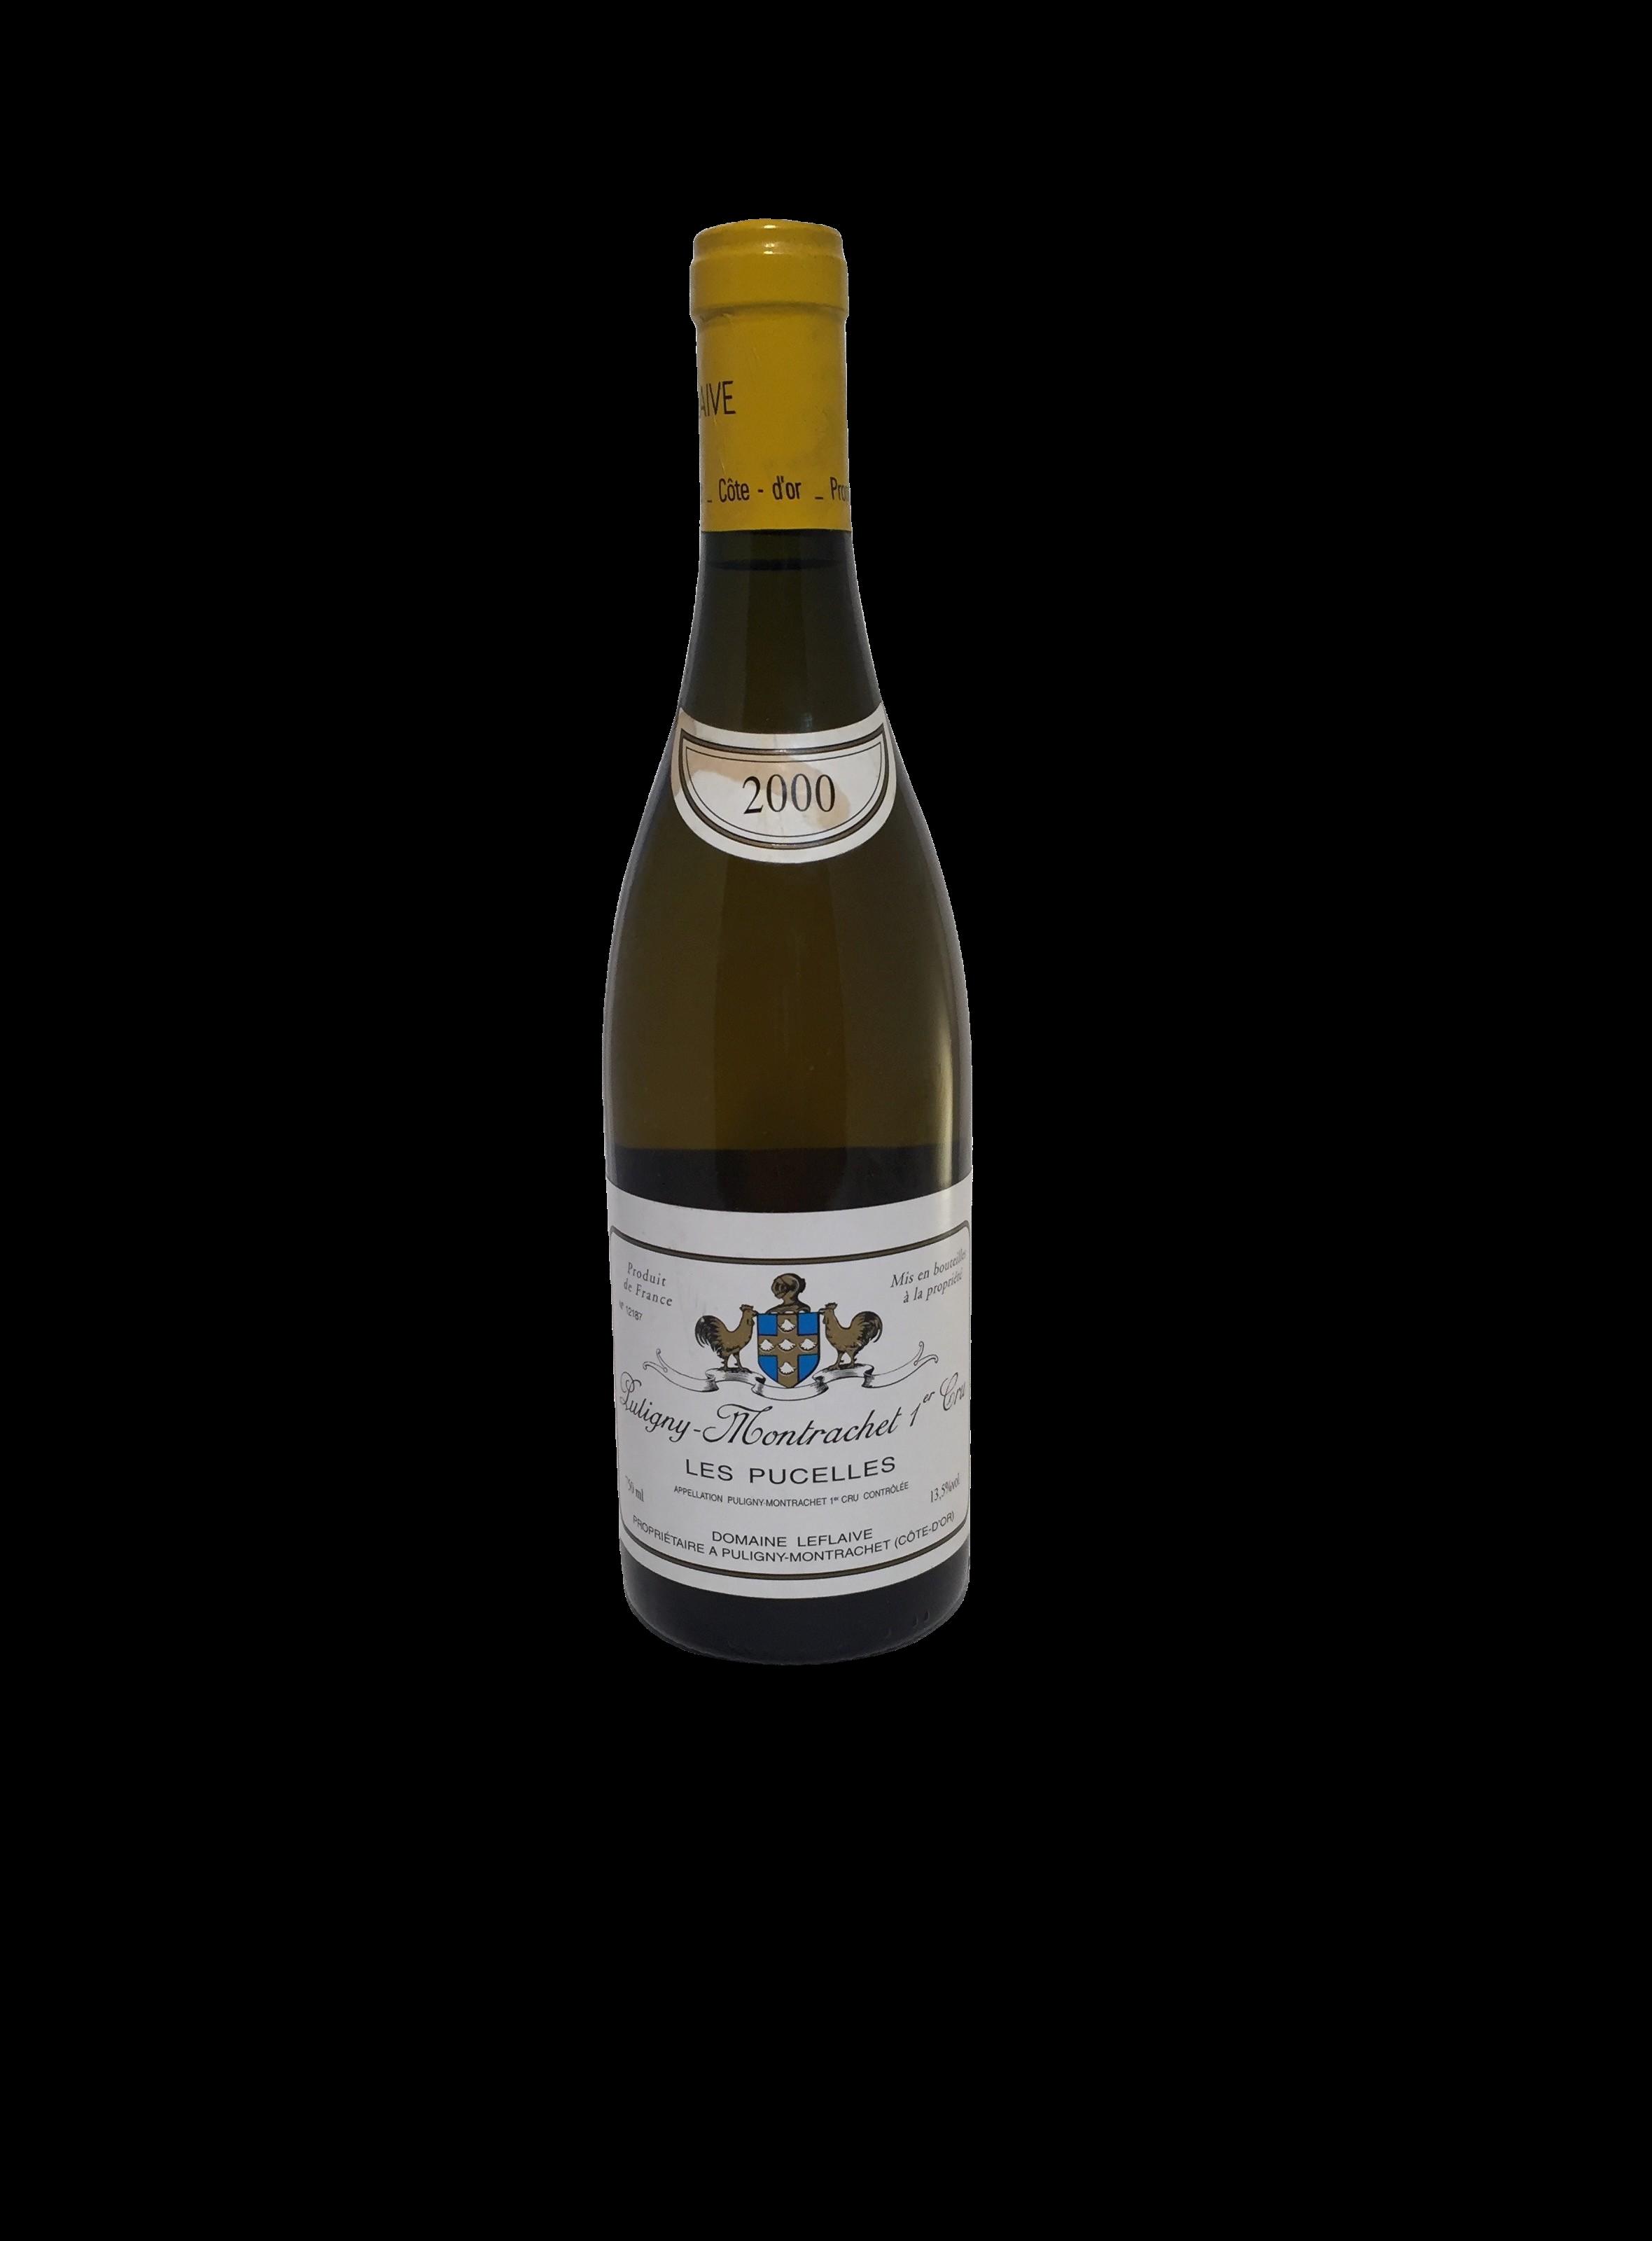 Domaine Leflaive – Puligny-Montrachet Les Pucelles 2000